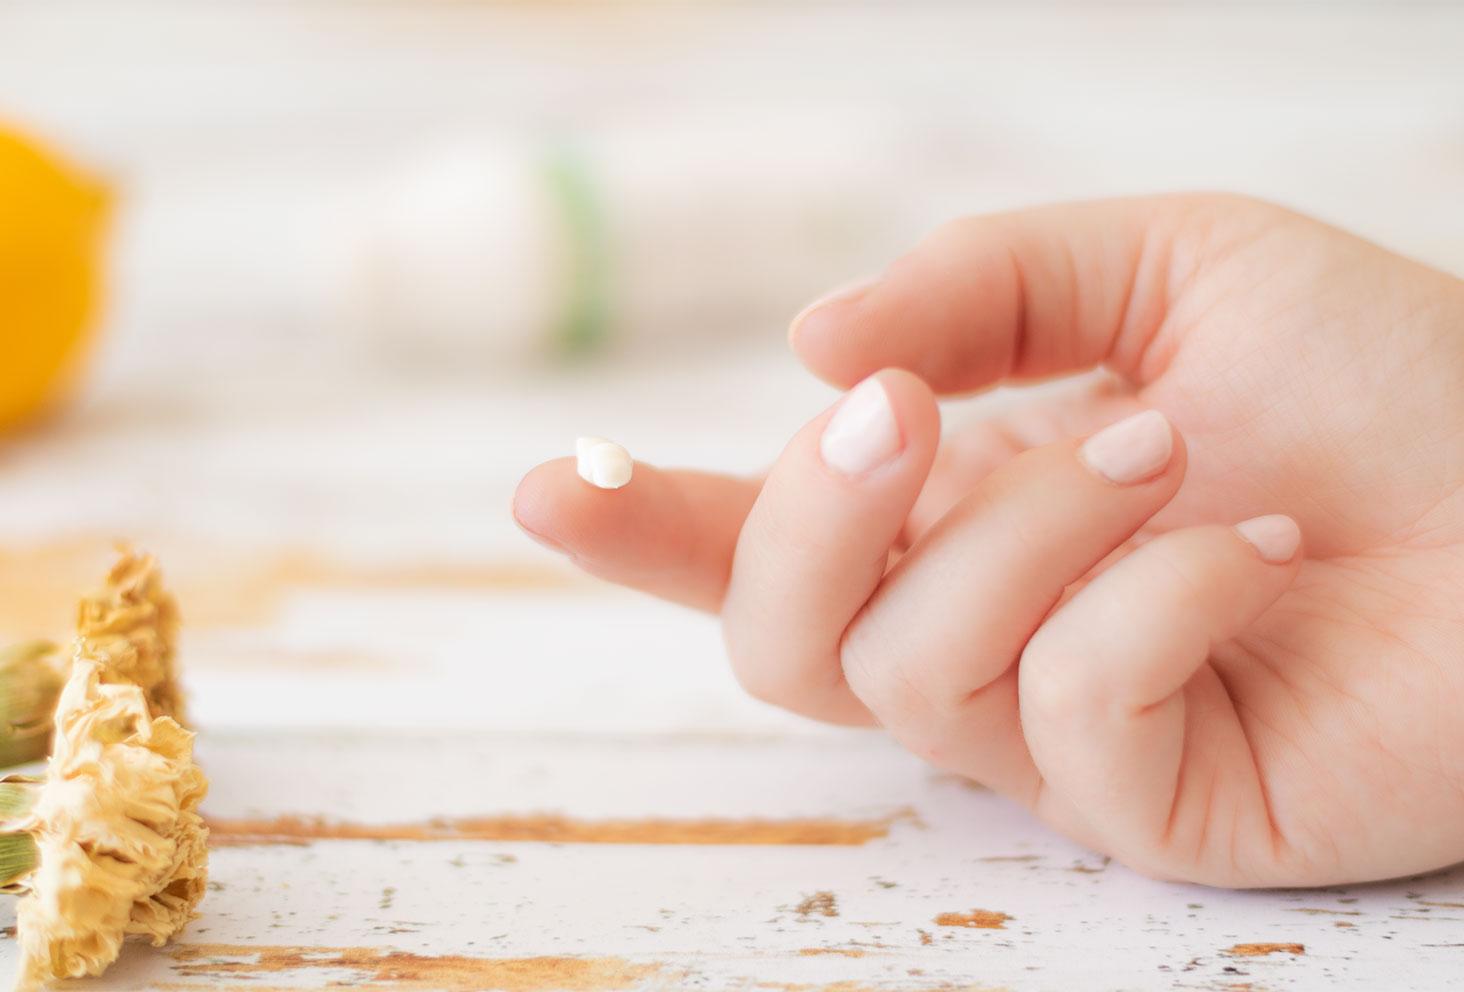 Zoom sur la texture crémeuse de la crème de jour Ren Clean Skincare posée sur le doigt